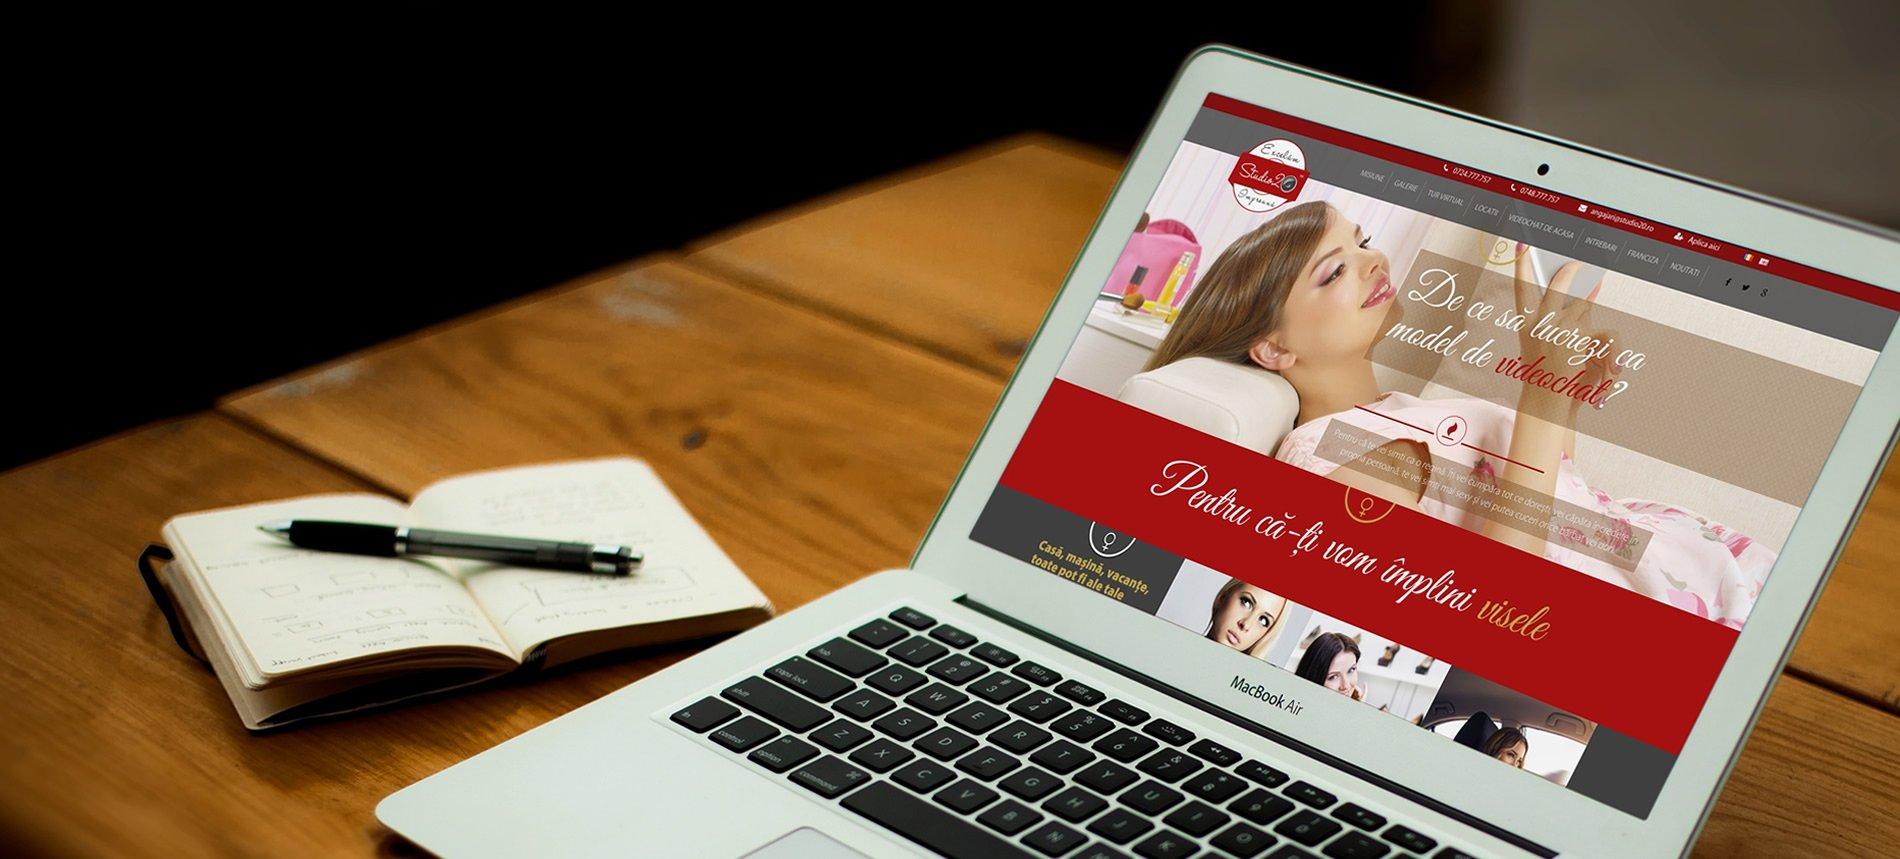 Site-uri de prezentare cu panou de administrare